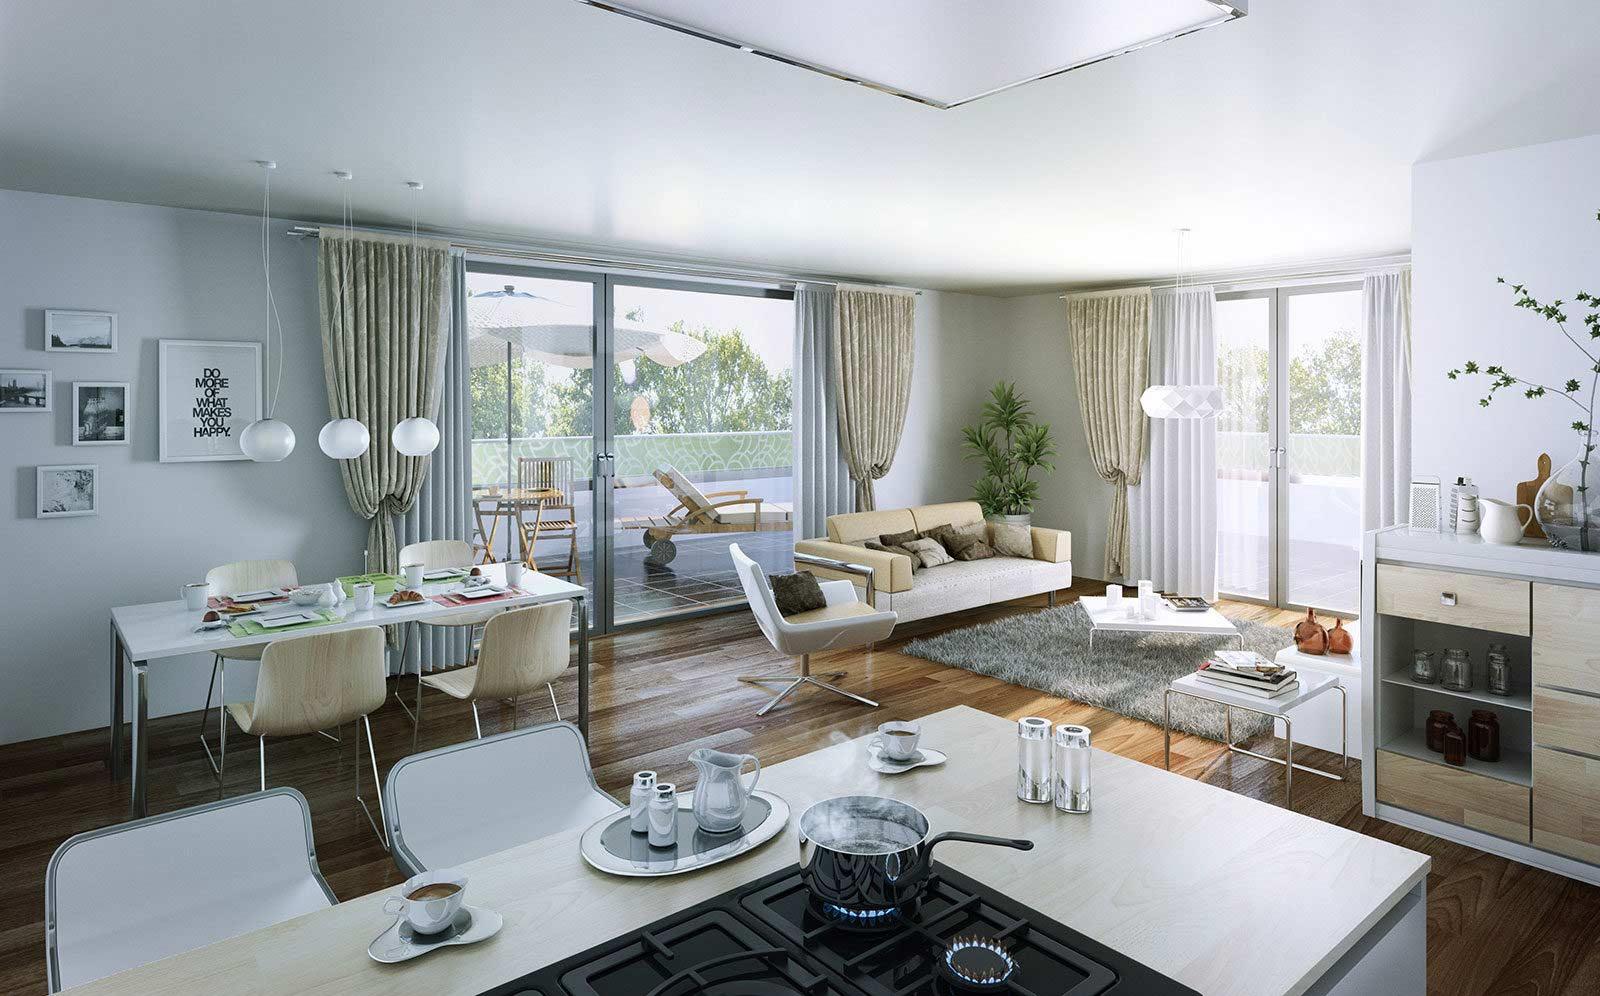 Wohnzimmer Kochstelle - Architekturvisualisierung Innenraum